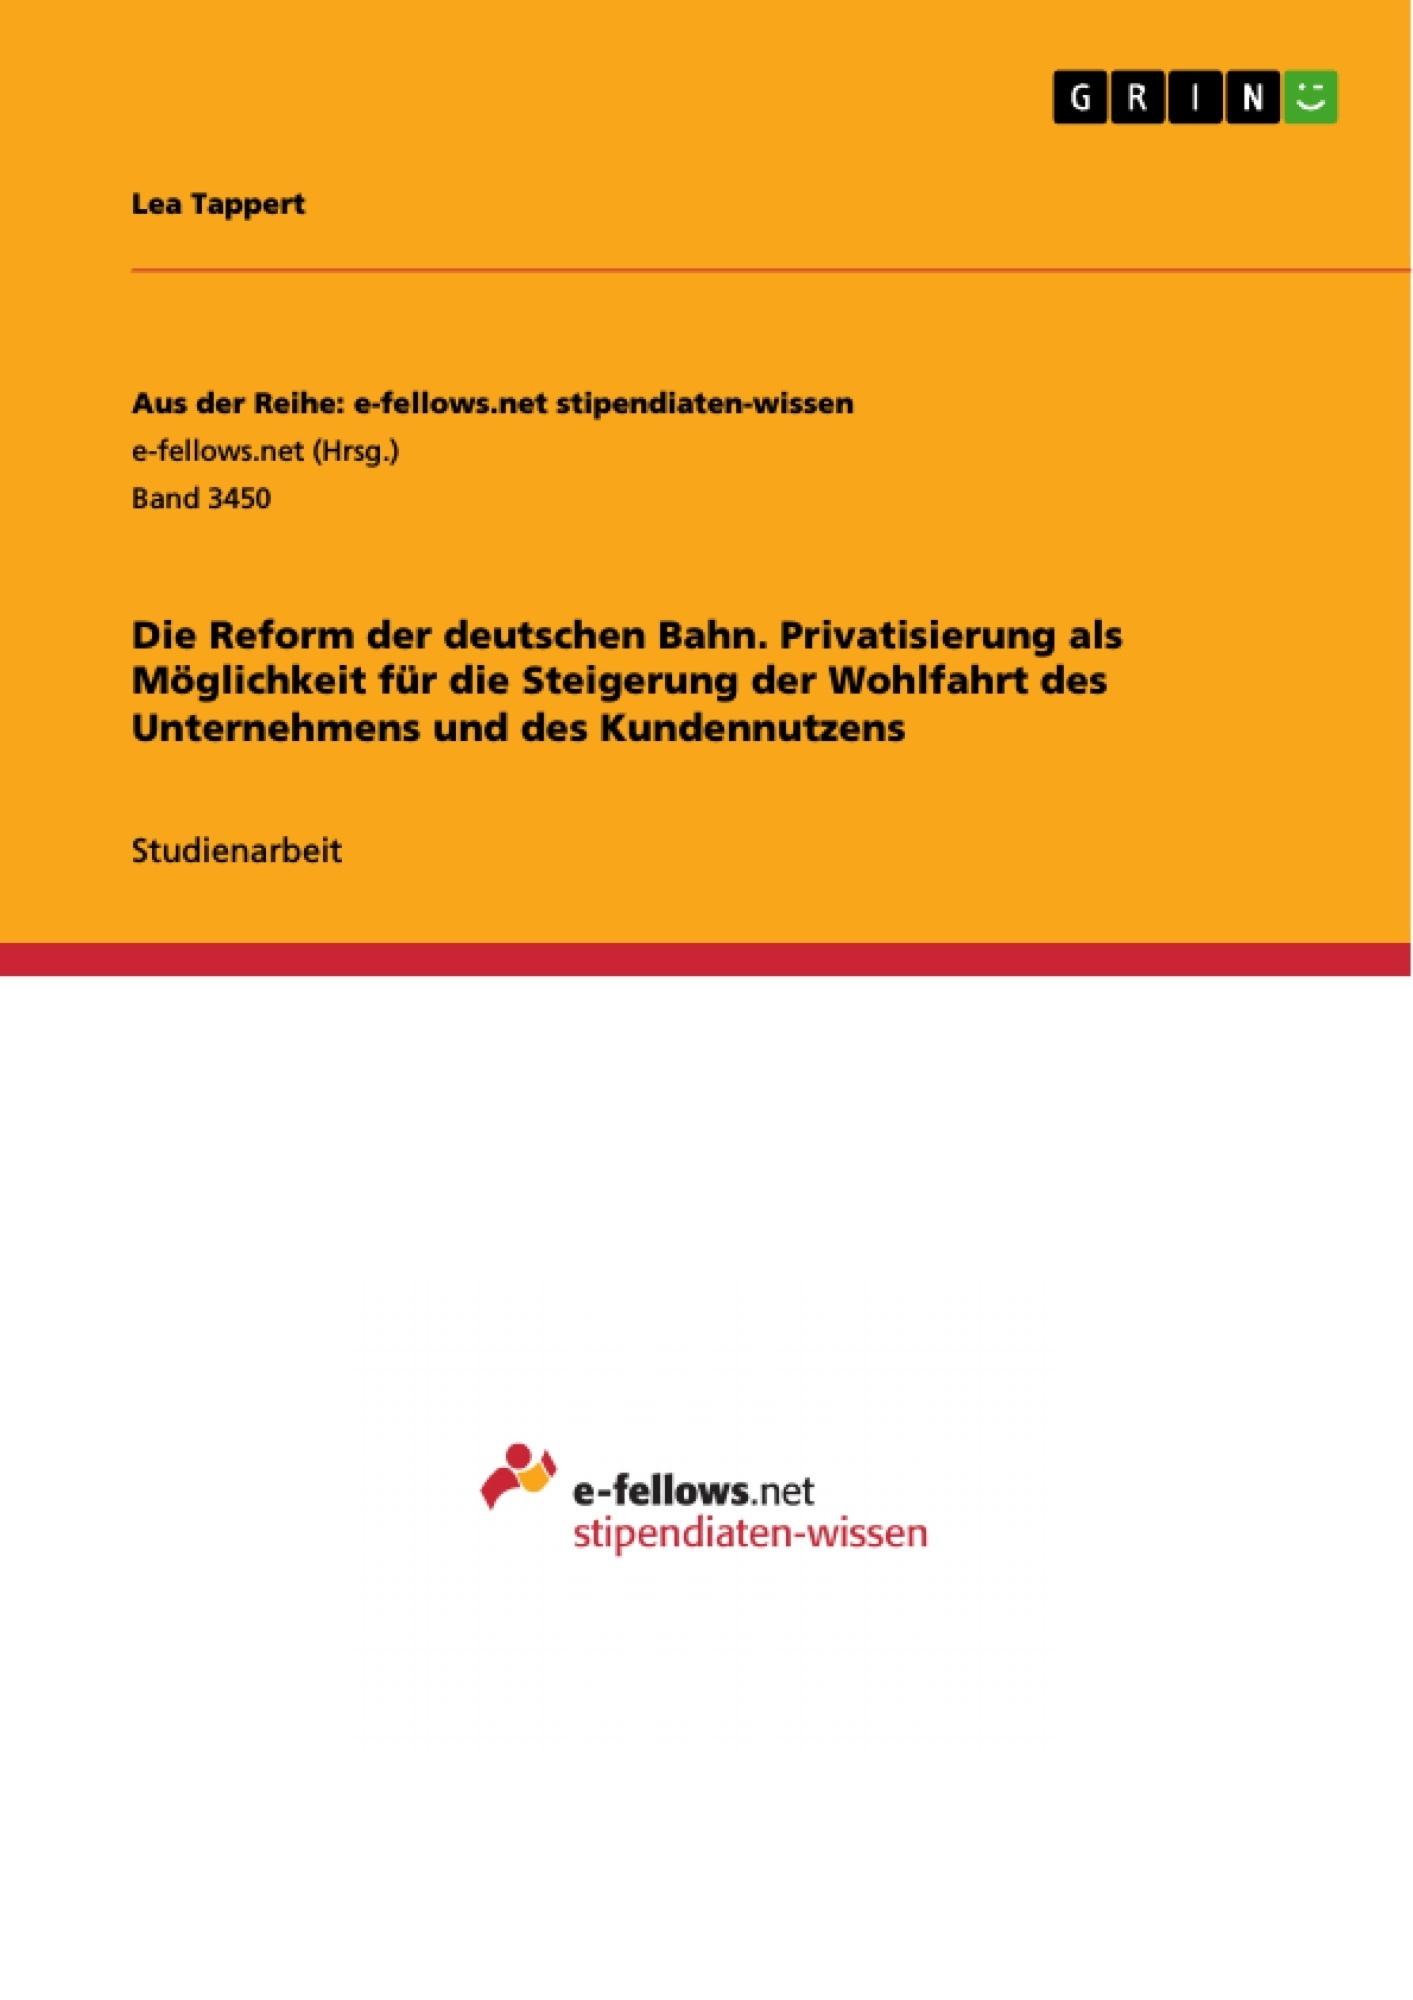 Titel: Die Reform der deutschen Bahn. Privatisierung als Möglichkeit für die Steigerung der Wohlfahrt des Unternehmens und des Kundennutzens